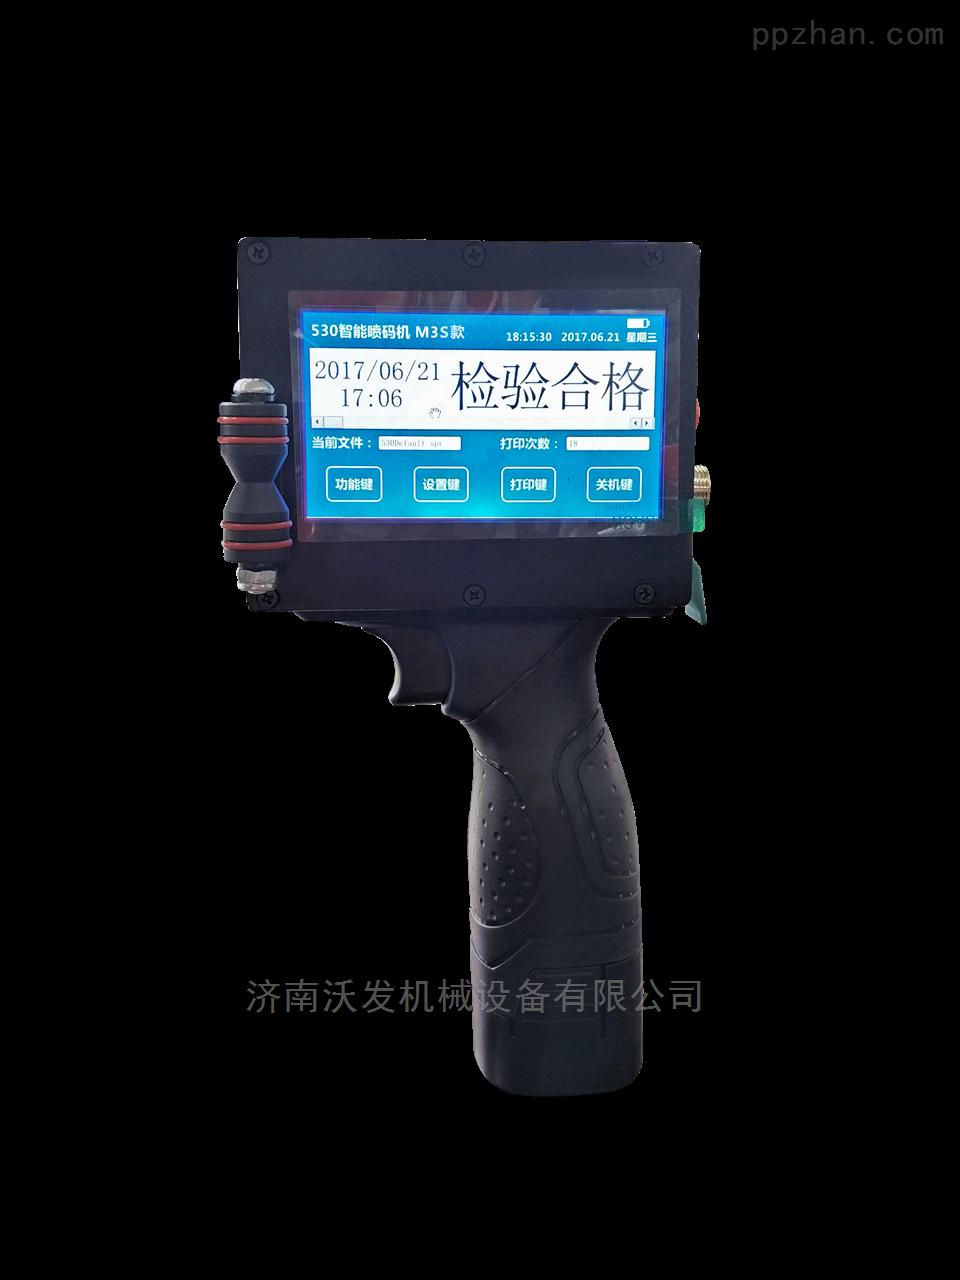 蚌埠亳州纸箱在线式喷码机生产线沃发